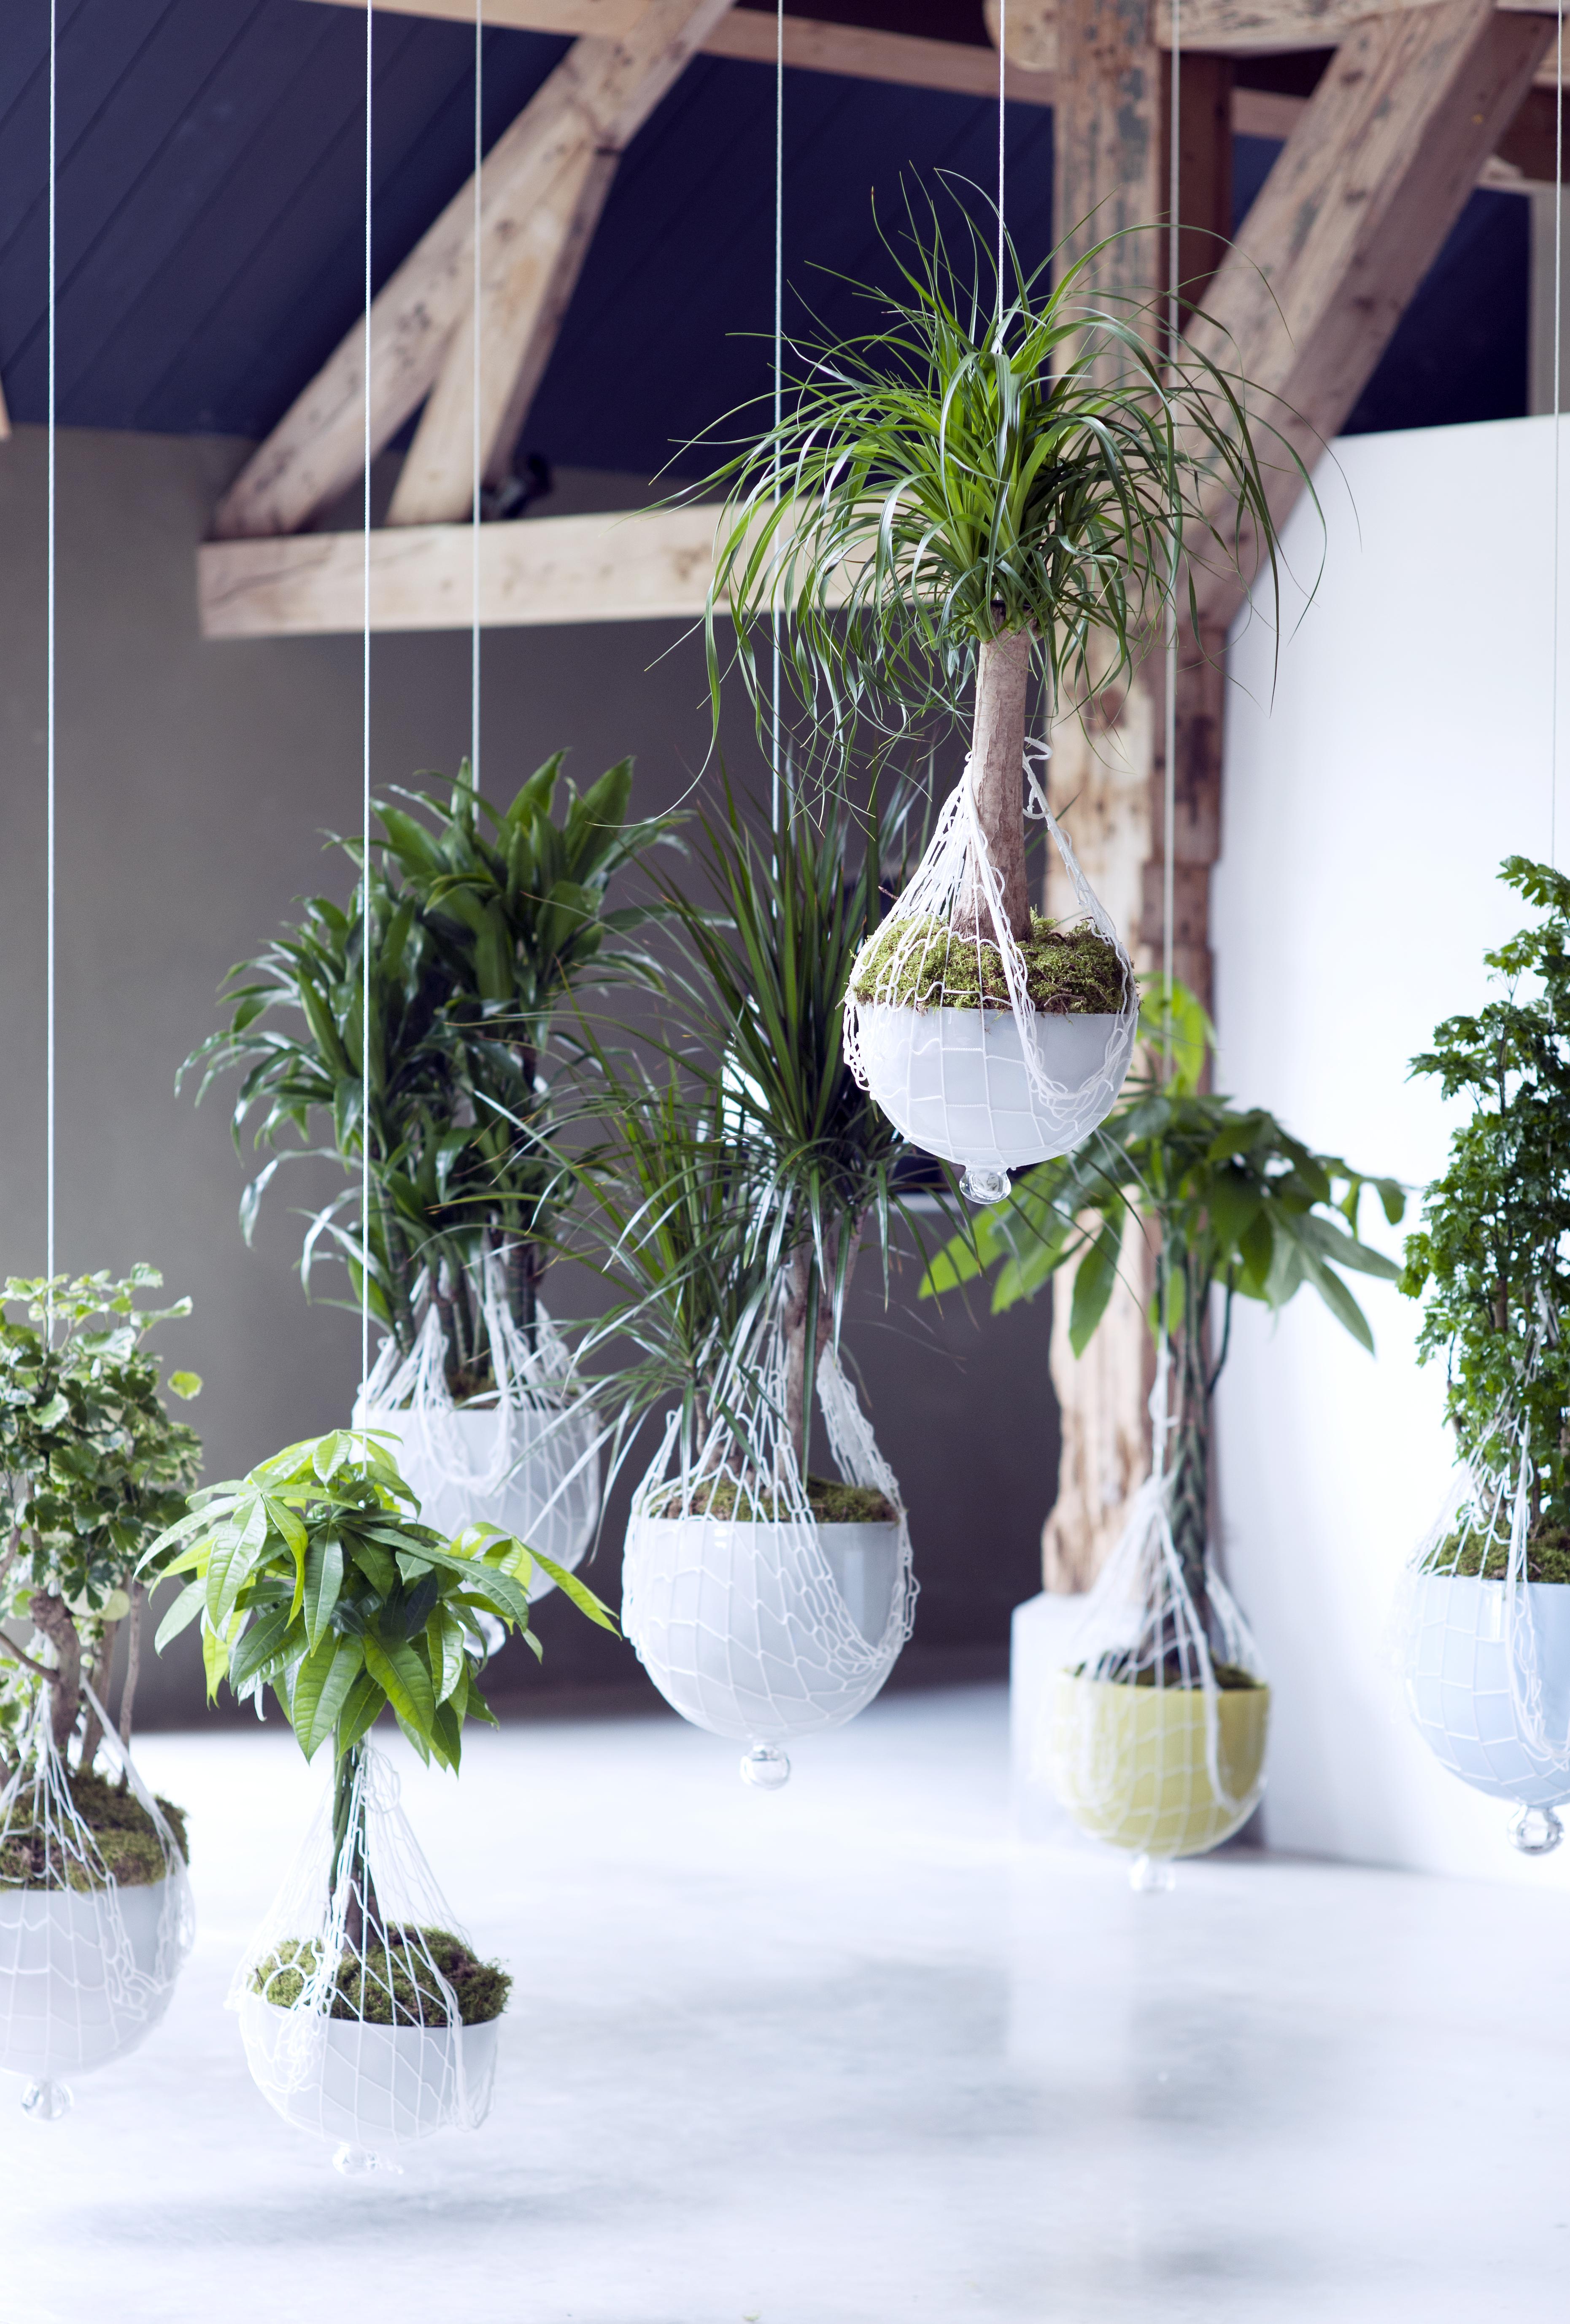 Zimmerpflanzen Schattig zimmerbäume sind zimmerpflanzen des monats januar drachenbaum